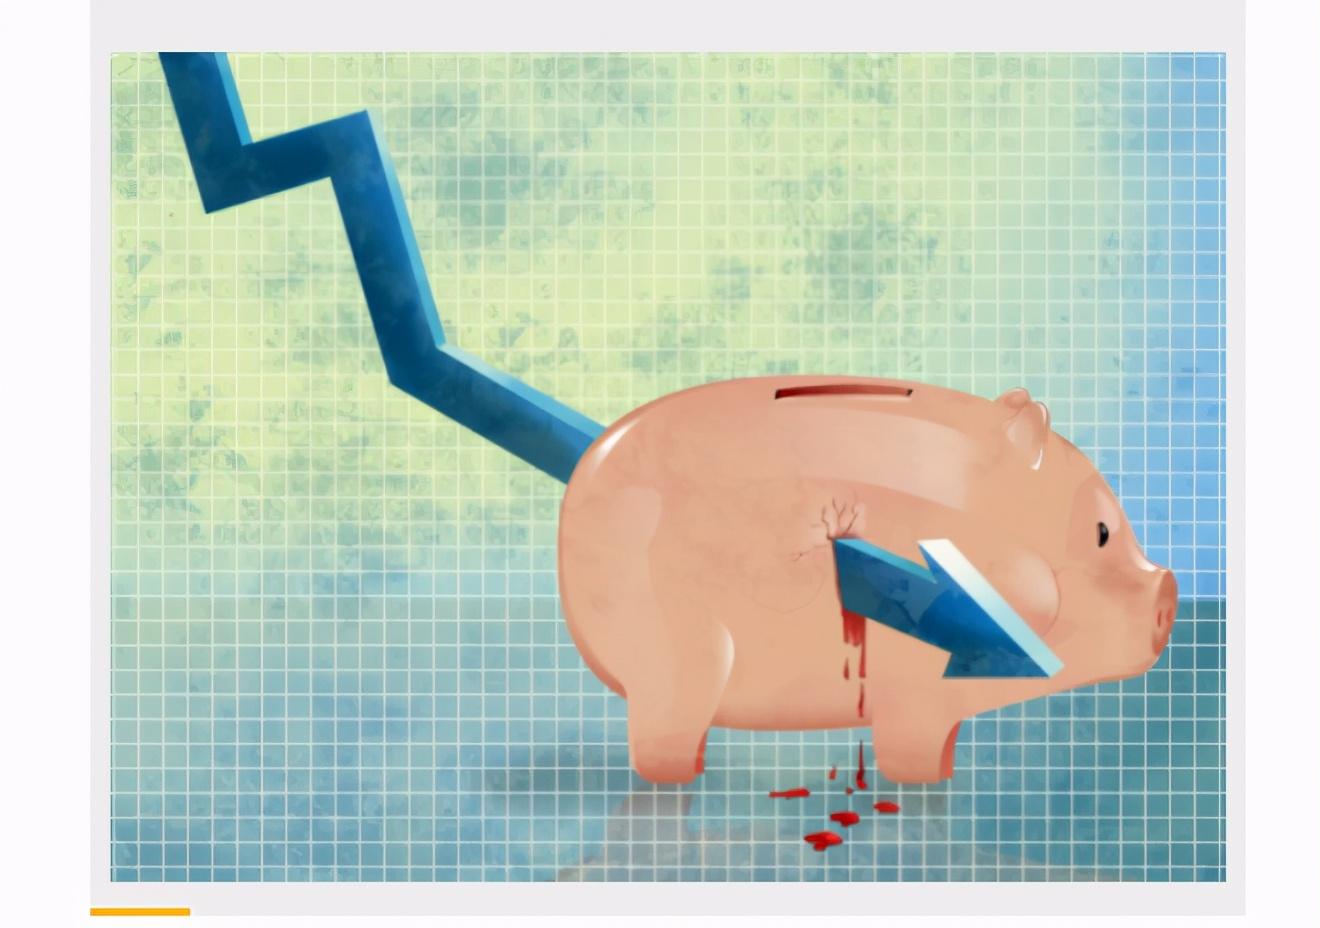 10月22日生猪价格,猪肉连跌7周,白菜肉价来了?官方答复